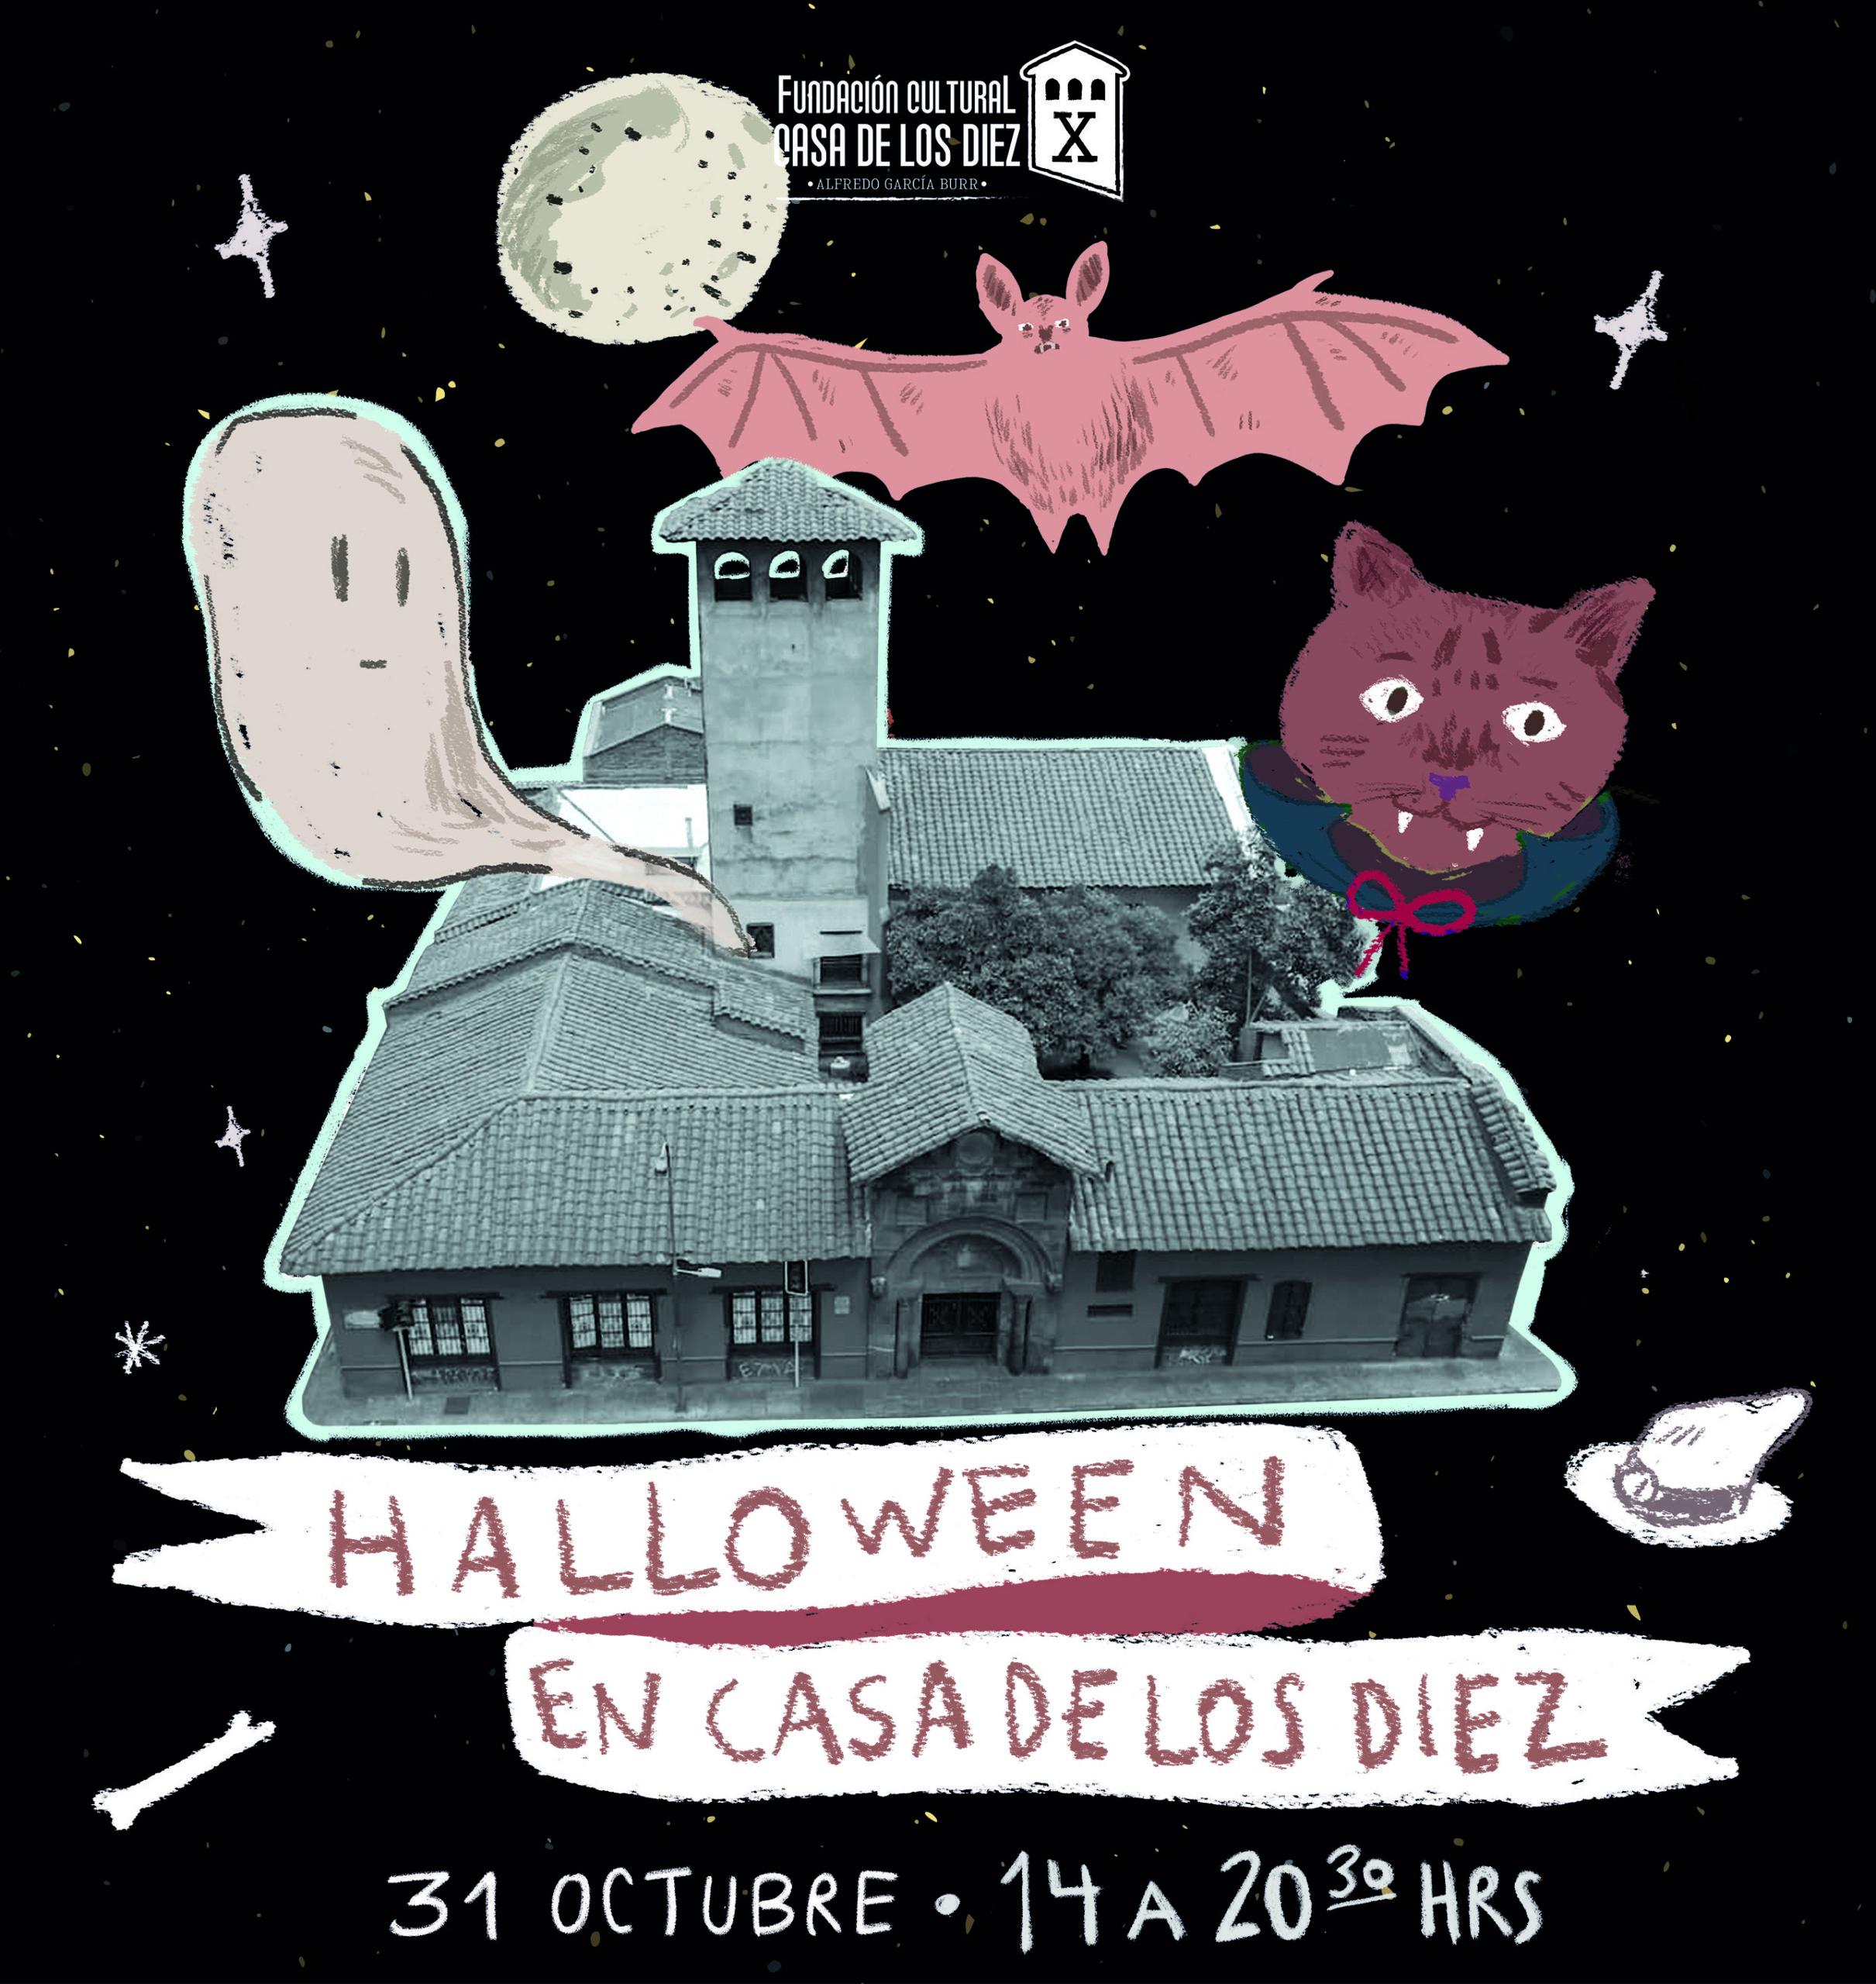 Halloween en Casa de Los Diez